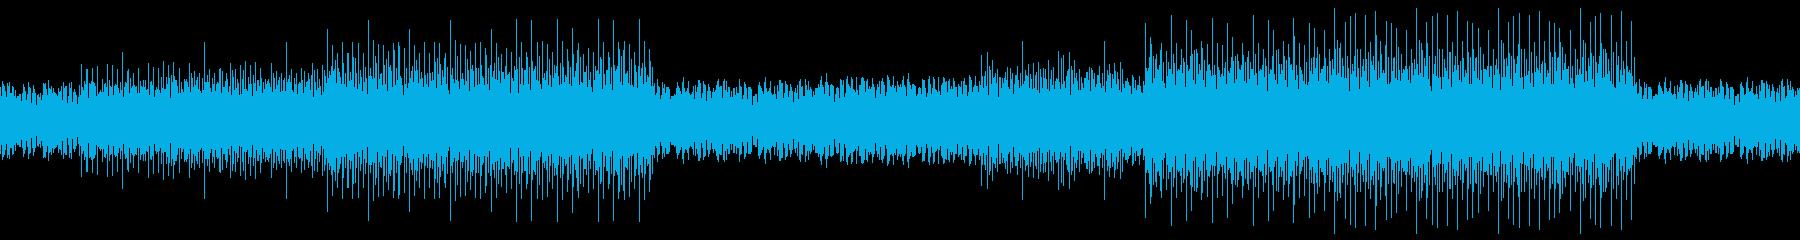 【ループ対応】エレクトロニカBGMの再生済みの波形